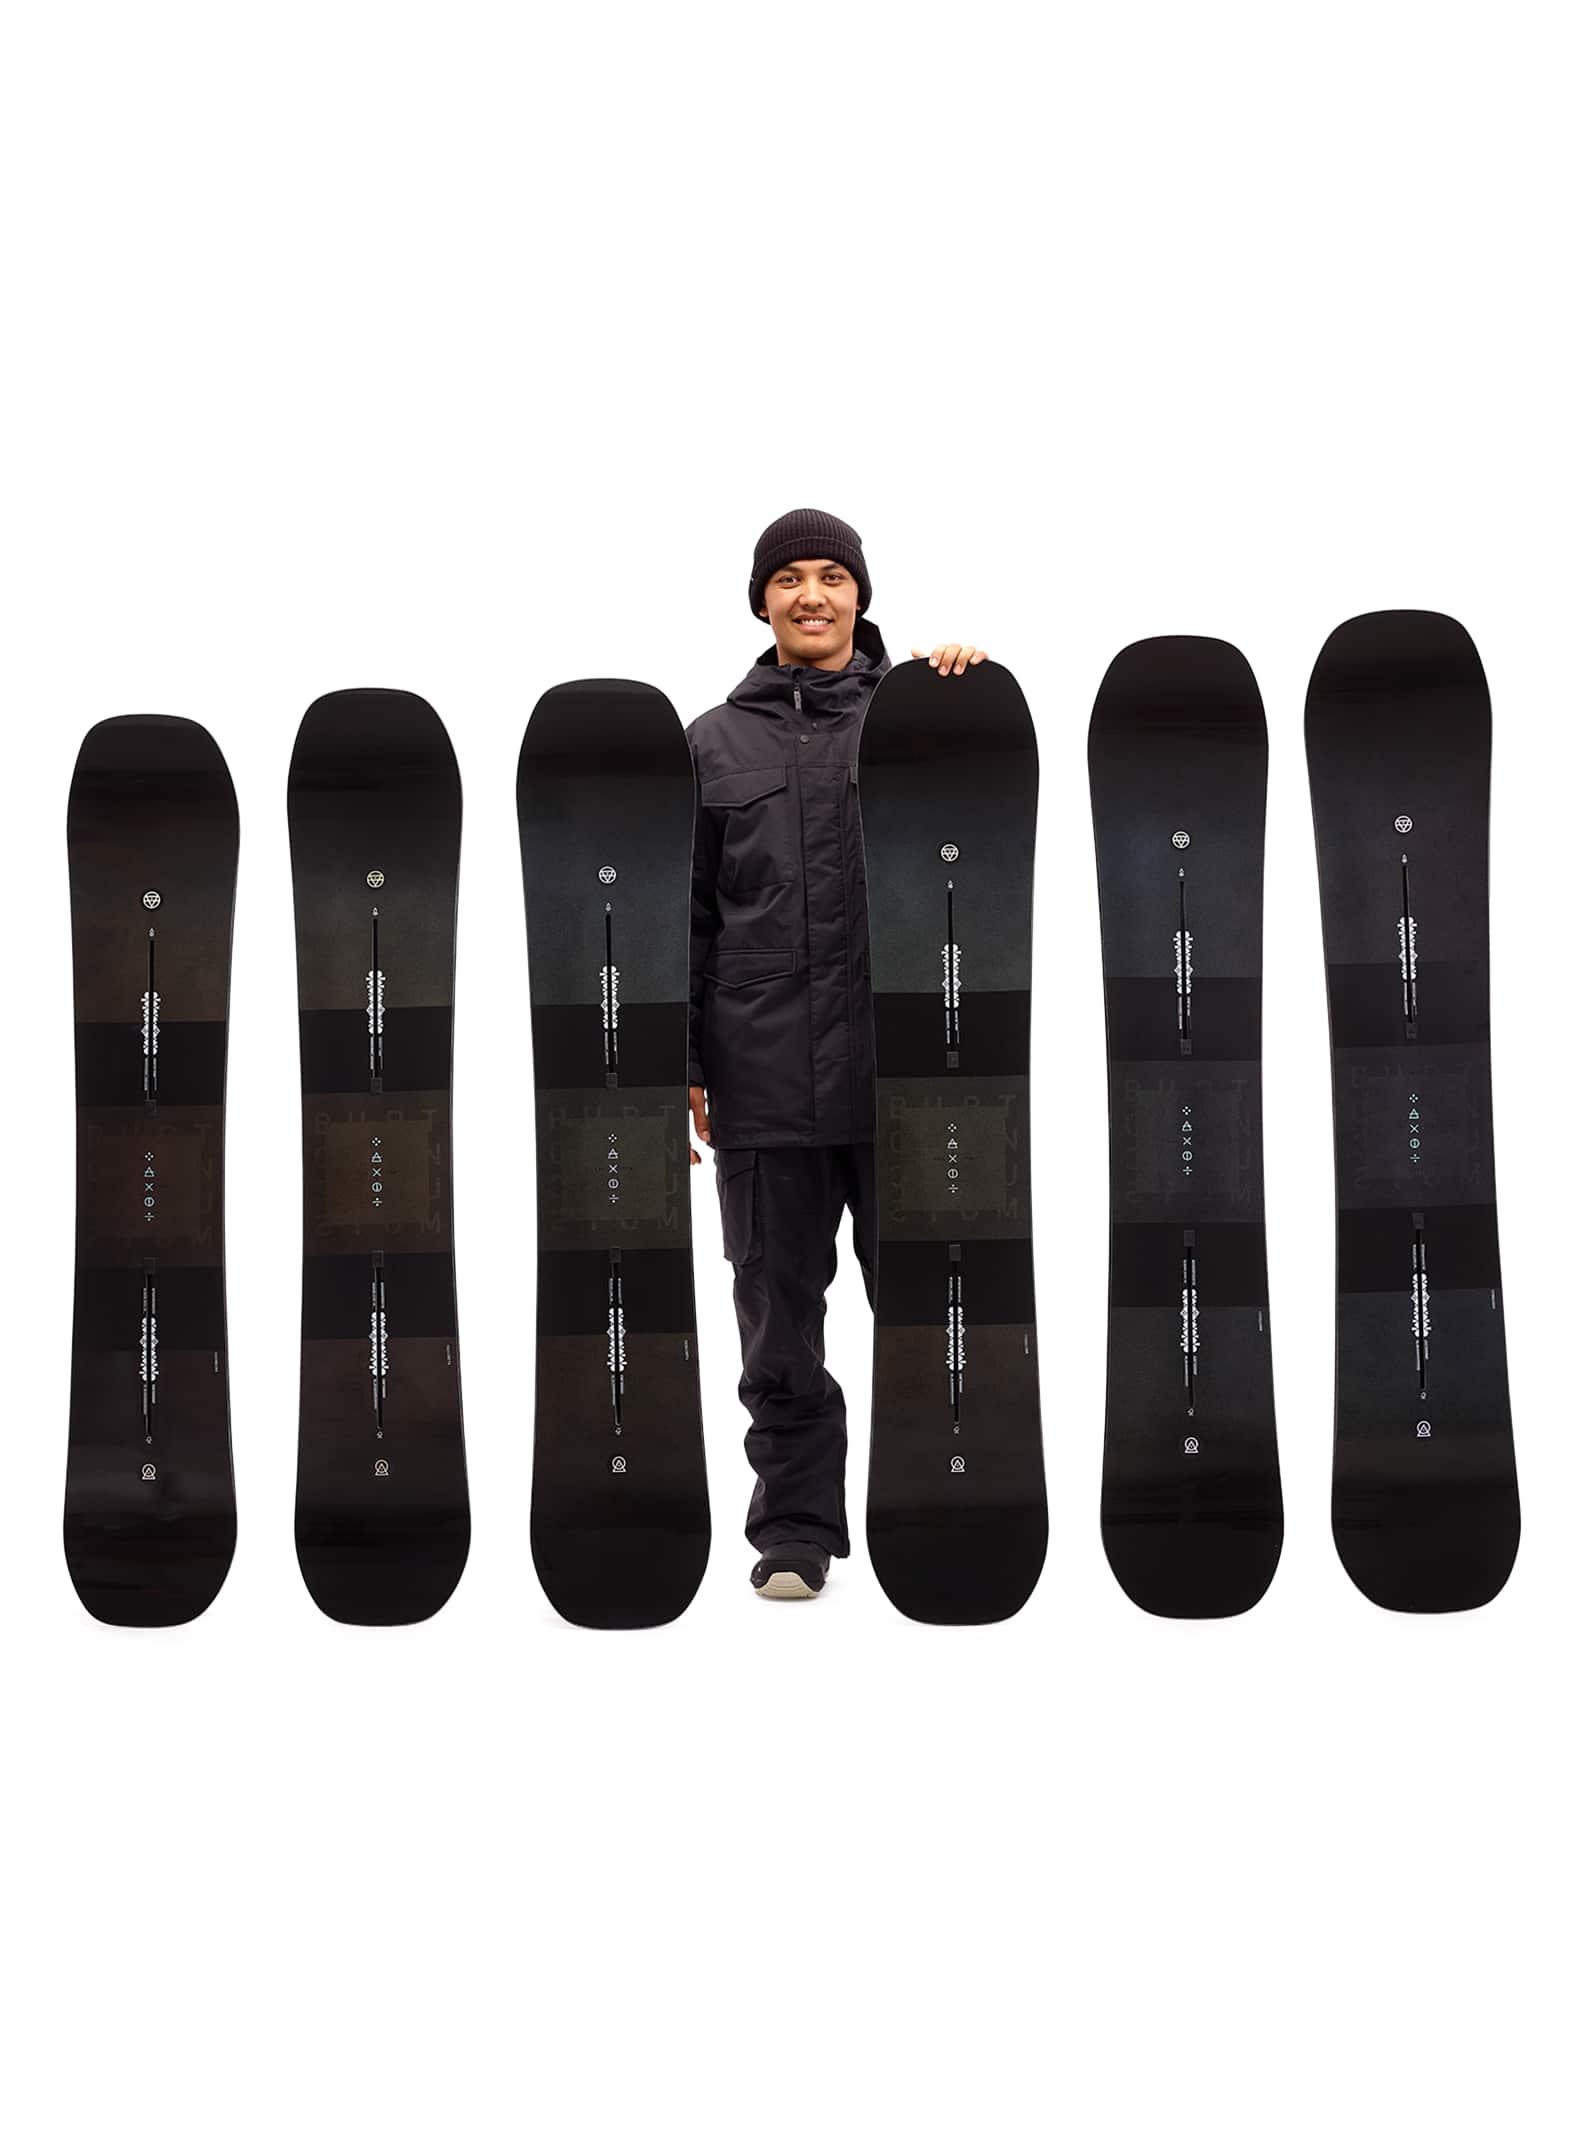 Burton Custom X Männer Snowboard 2020